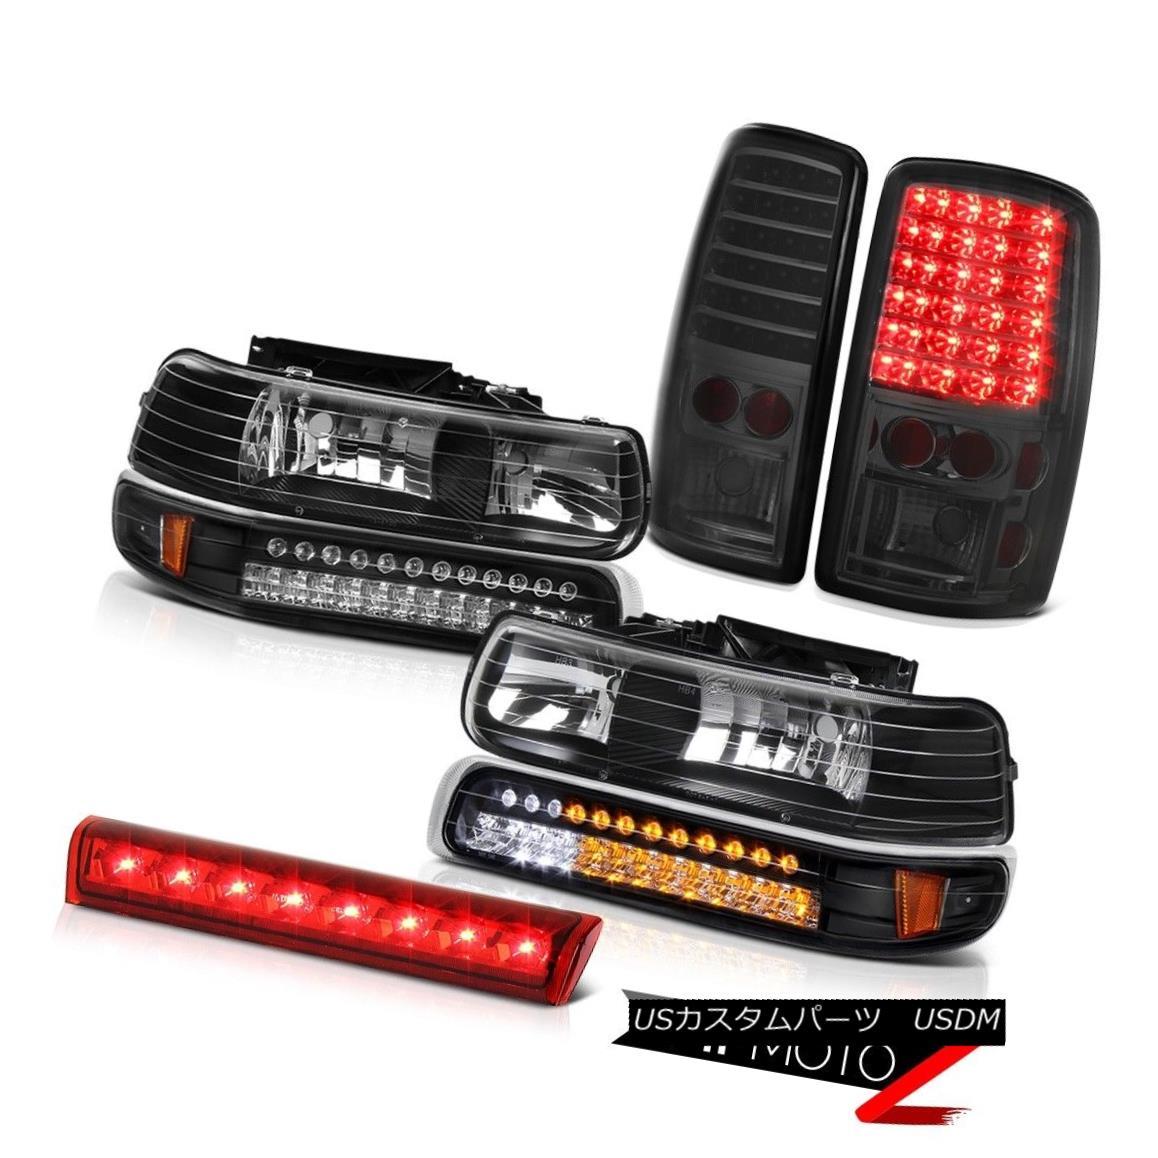 ヘッドライト 2000-2006 Chevy Tahoe Headlights LED Bumper Dark Brake Tail Lights High Stop Red 2000-2006シボレータホヘッドライトLEDバンパーダークブレーキテールライトハイストップレッド